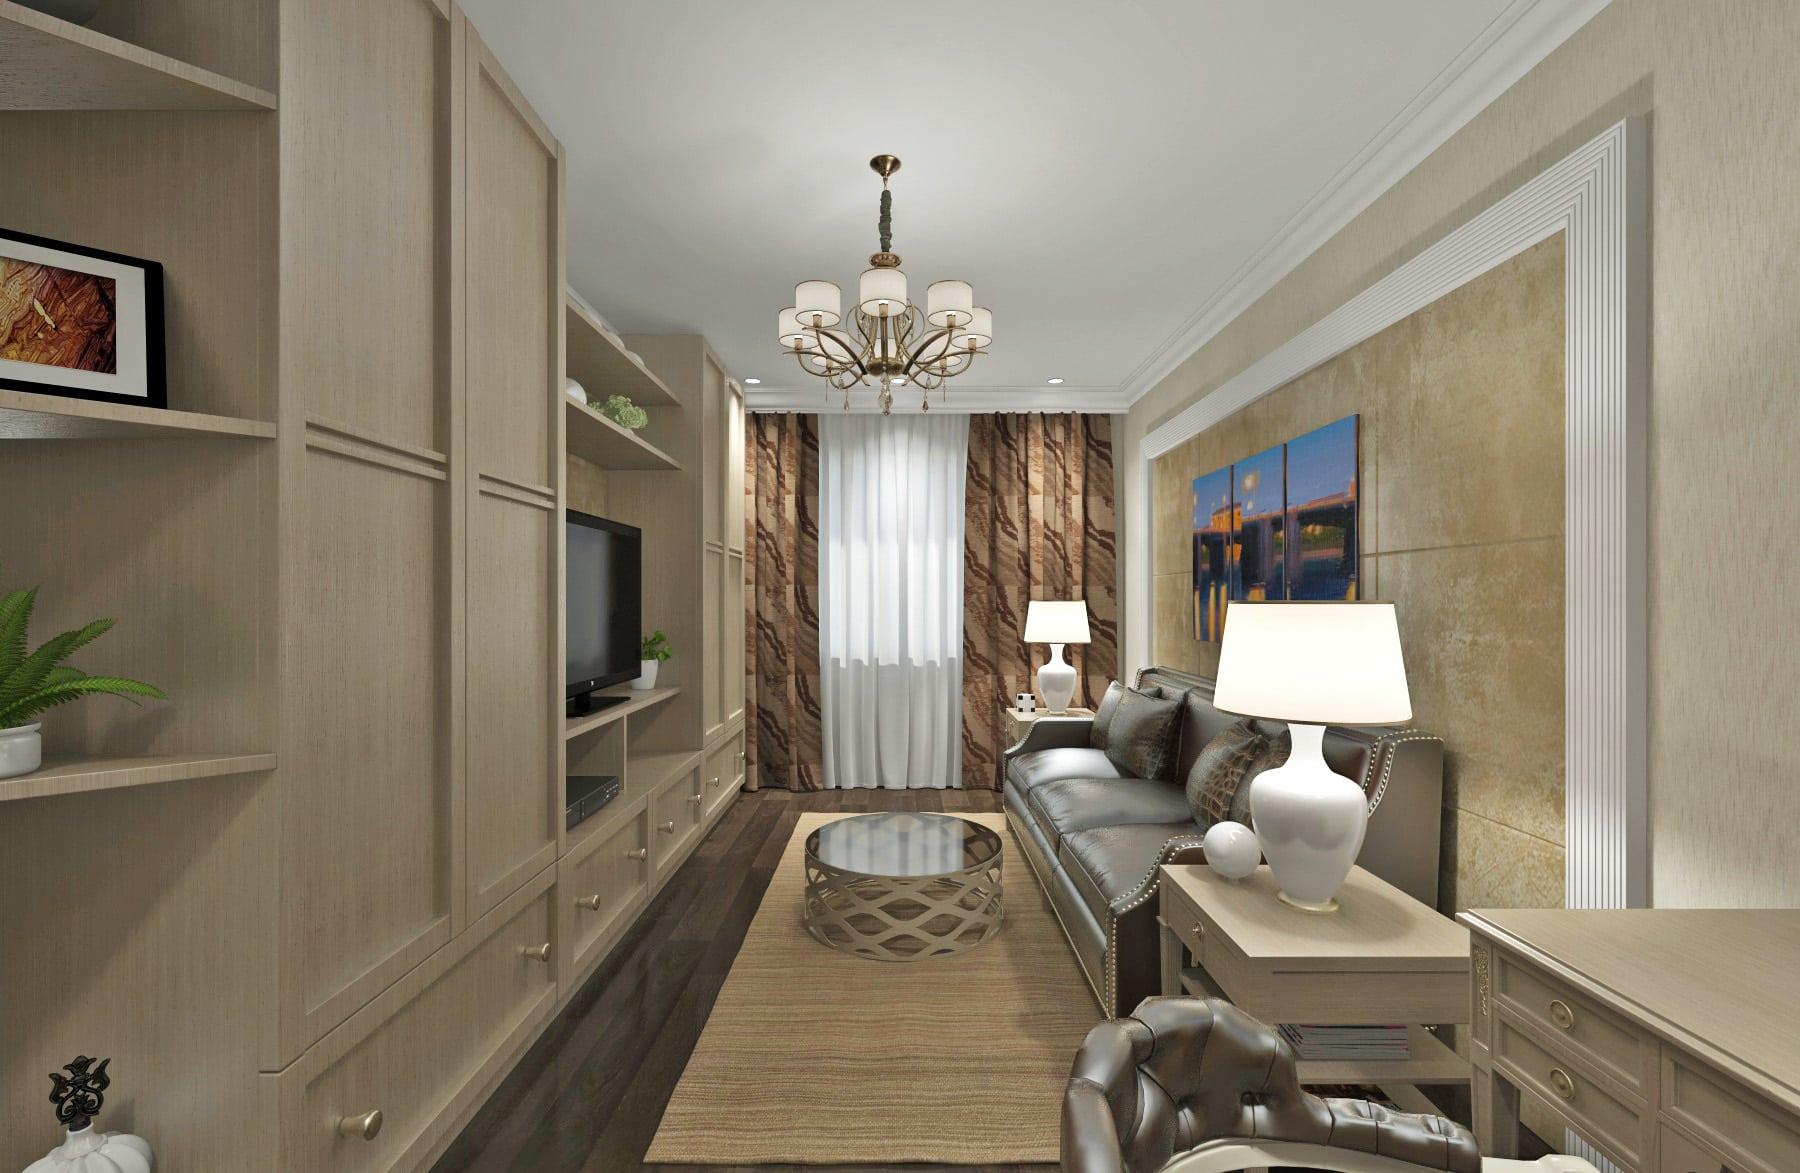 Дизайн проект квартиры в Гомеле, дизайнер интерьера в гомеле, дизайн гостиной, Шкаф до потолка, телевизор большой, кожаный диван